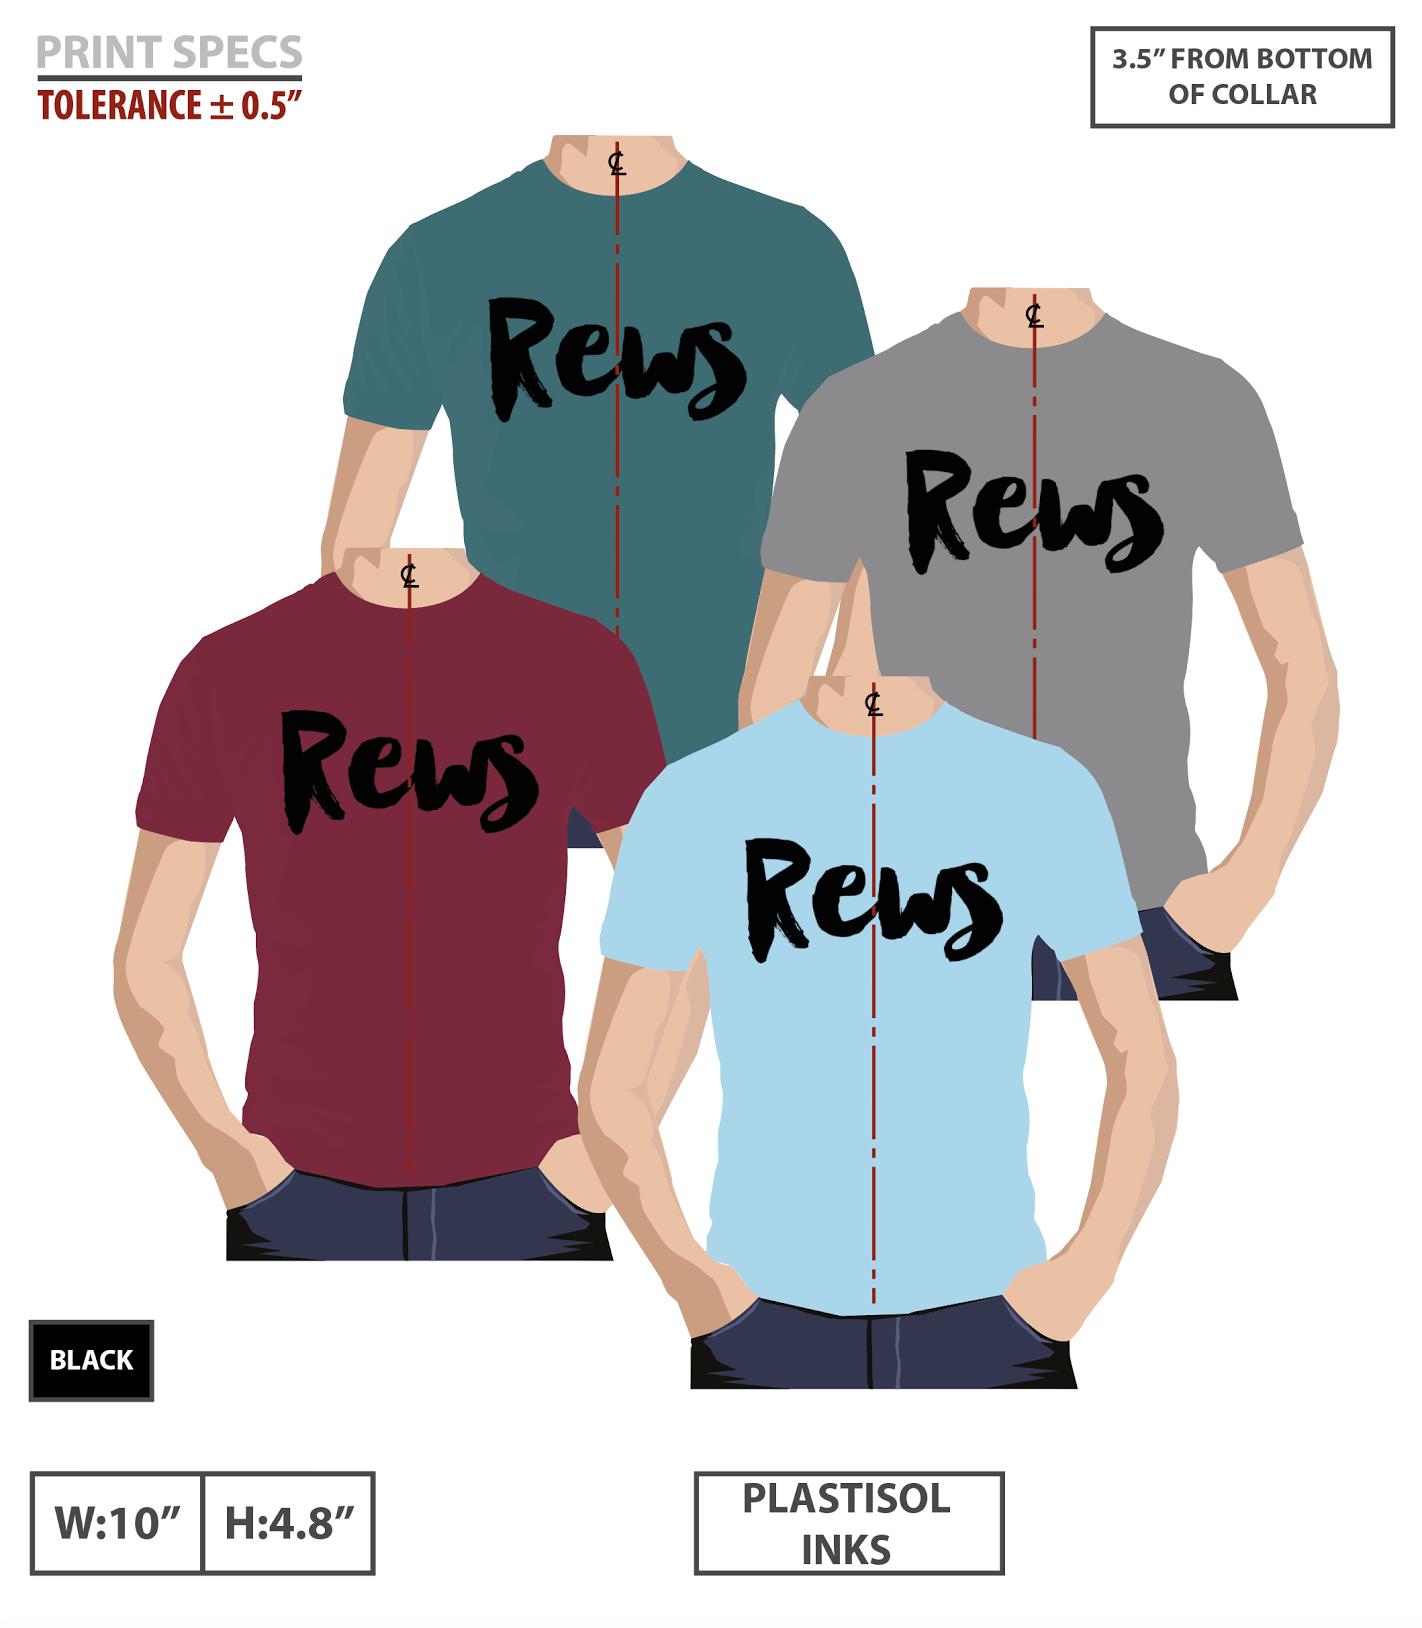 Original REWS T-shirt - REWS